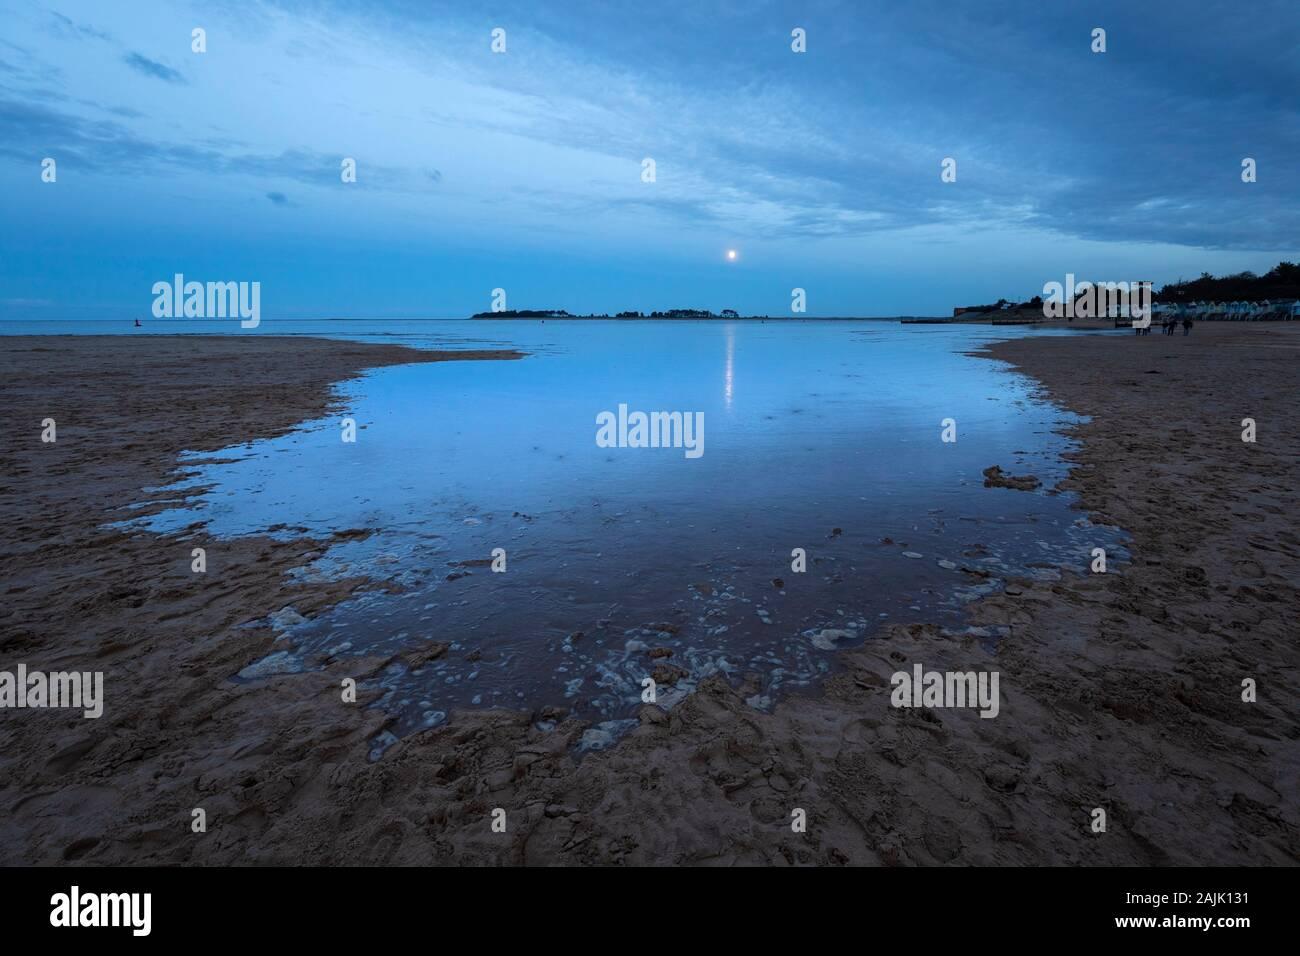 Marée à venir au crépuscule avec pleine lune sur Wells à côté de la plage de la mer, Wells-Next-the-Sea, Norfolk, Angleterre, Royaume-Uni, Europe Banque D'Images